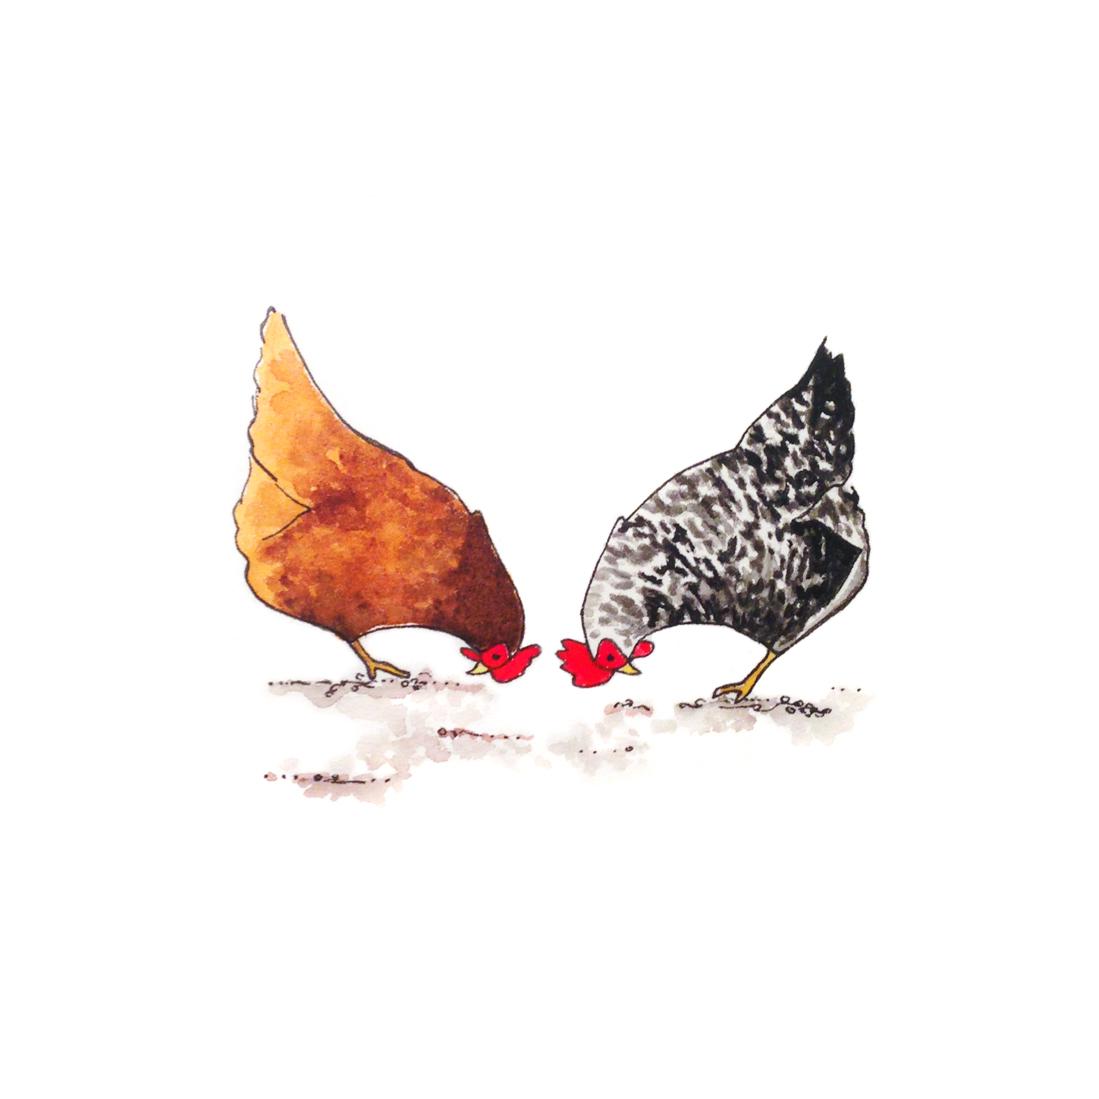 24-140610-chickens.jpg